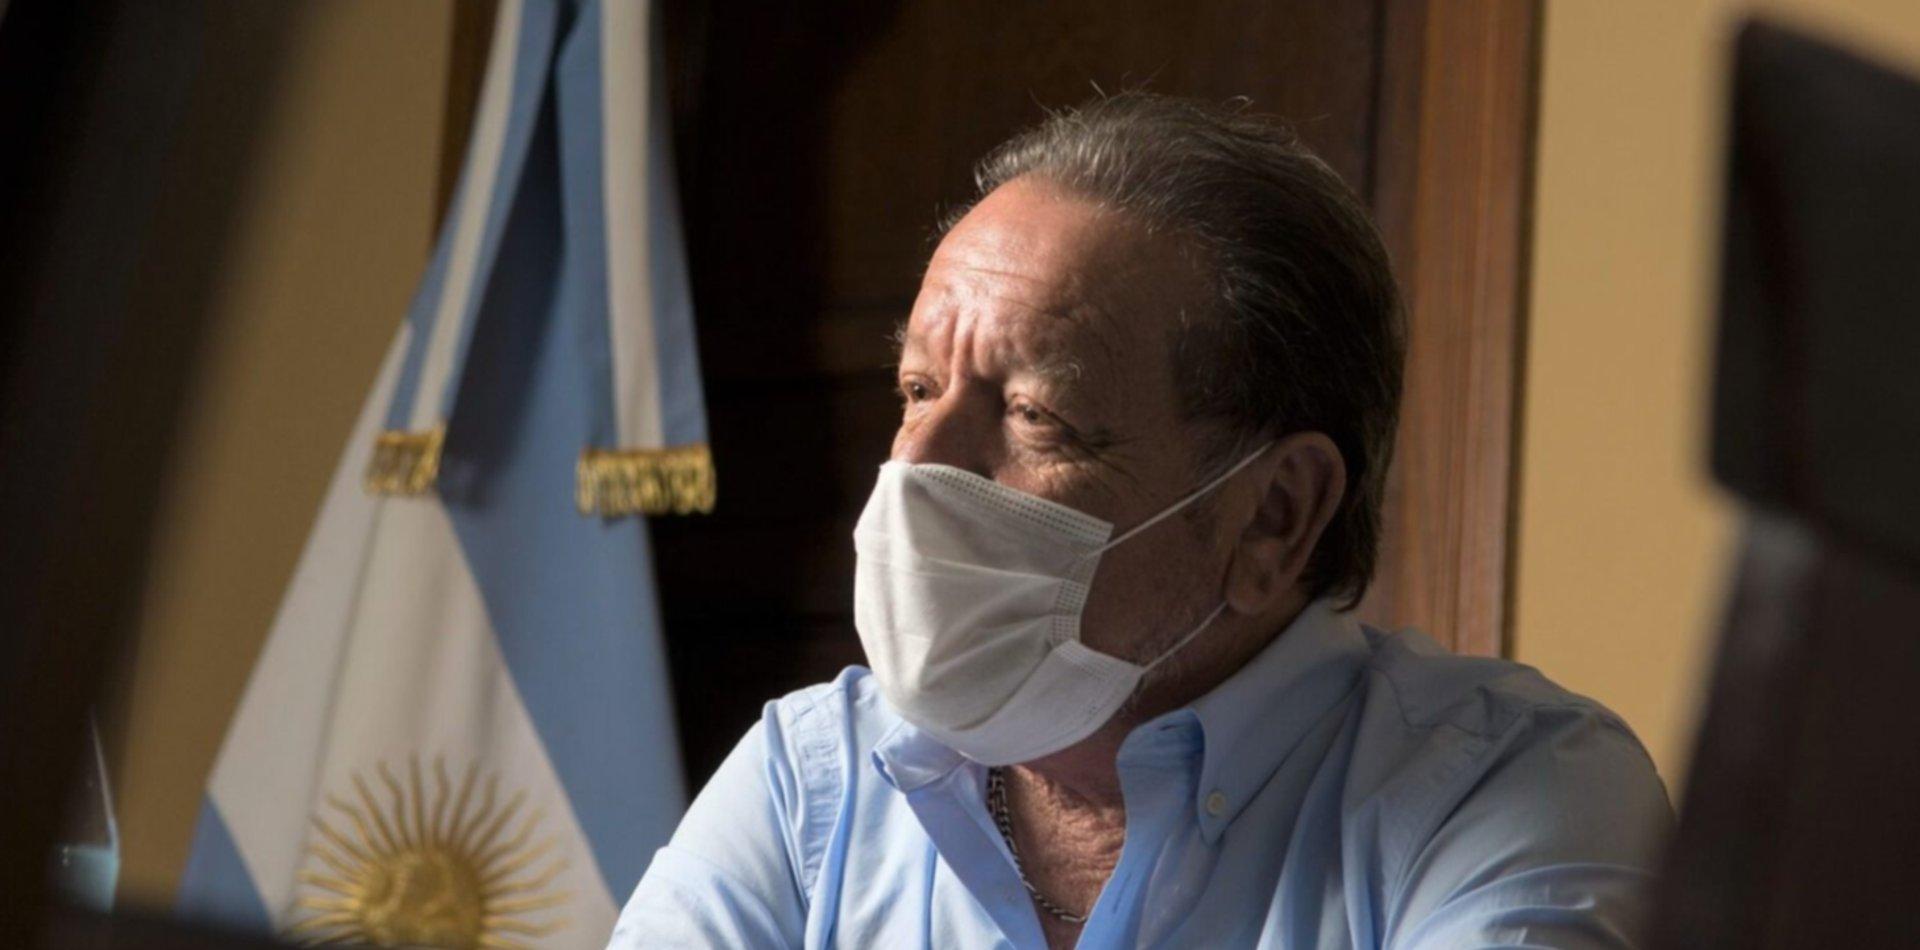 Falleció Eugenio Zanarini, Superintendente de Servicios de Salud de la Nación